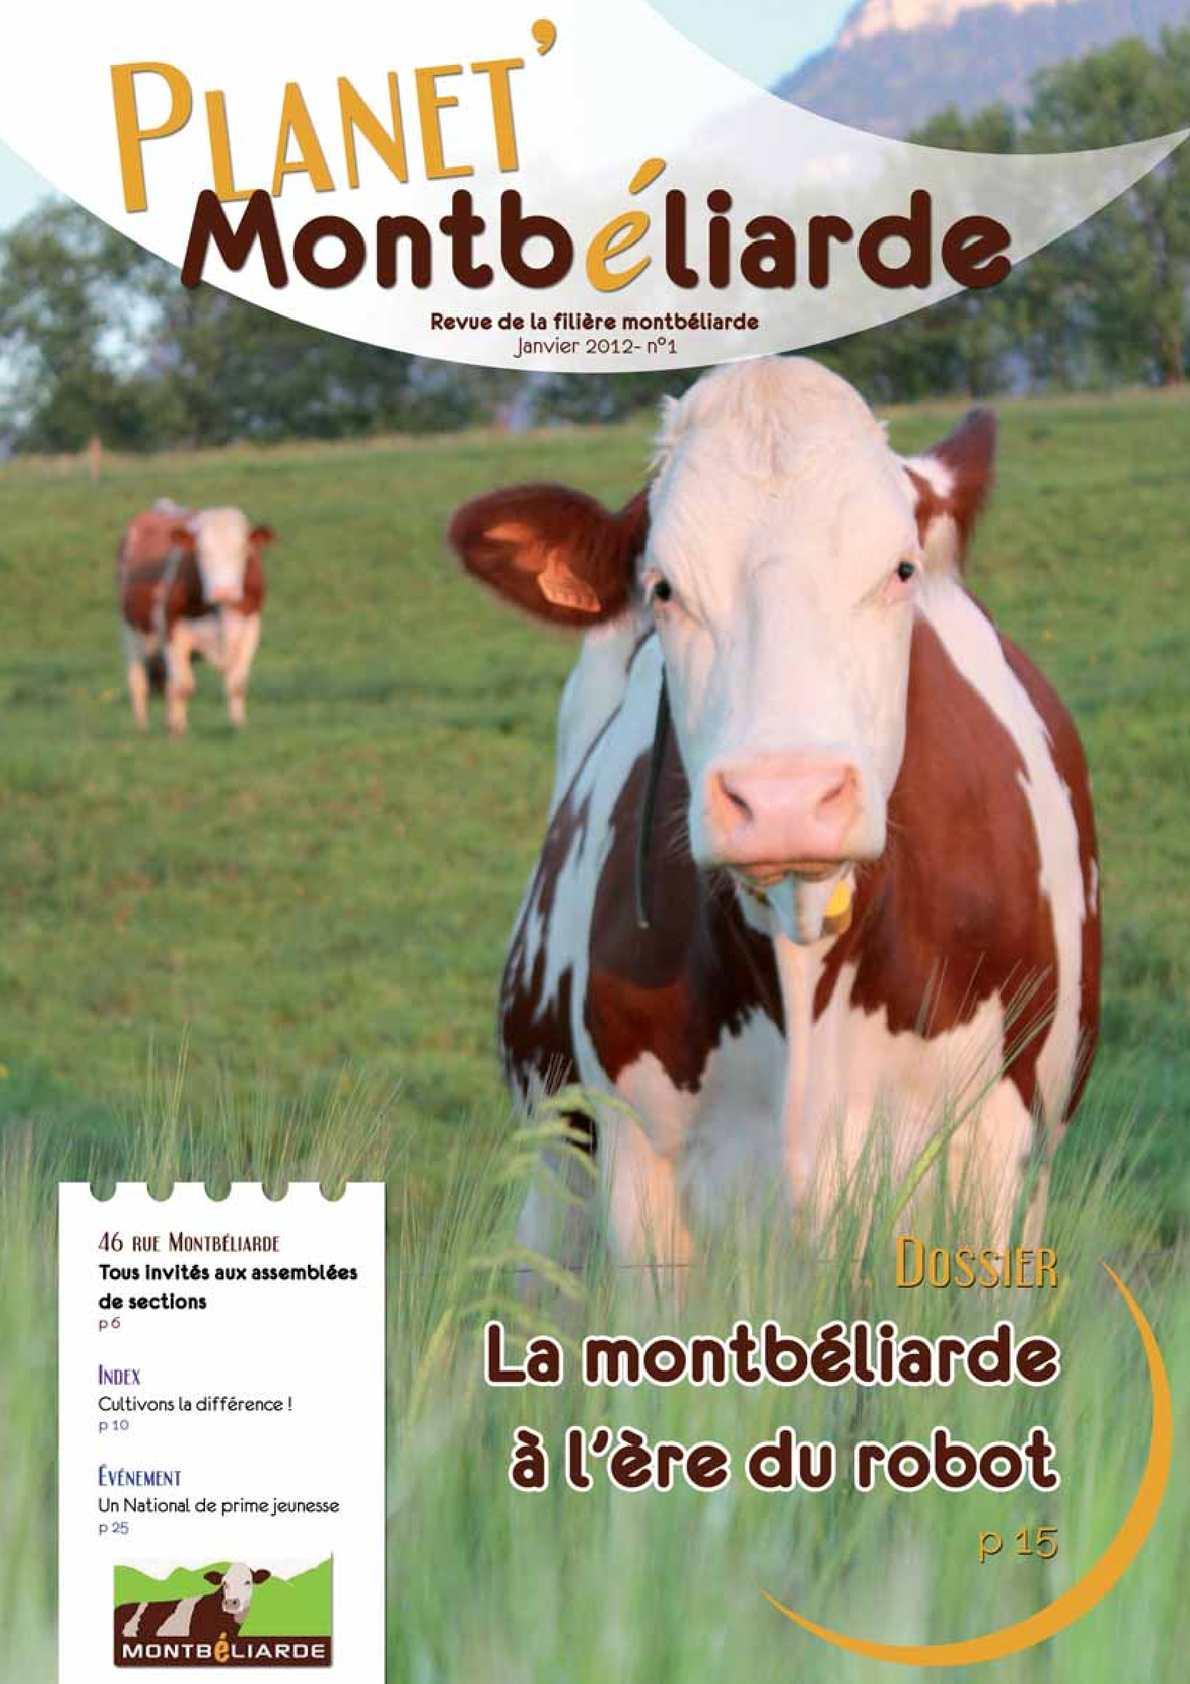 Calaméo - Planet  Montbéliarde n°1 - janvier 2012 ec76fd63790